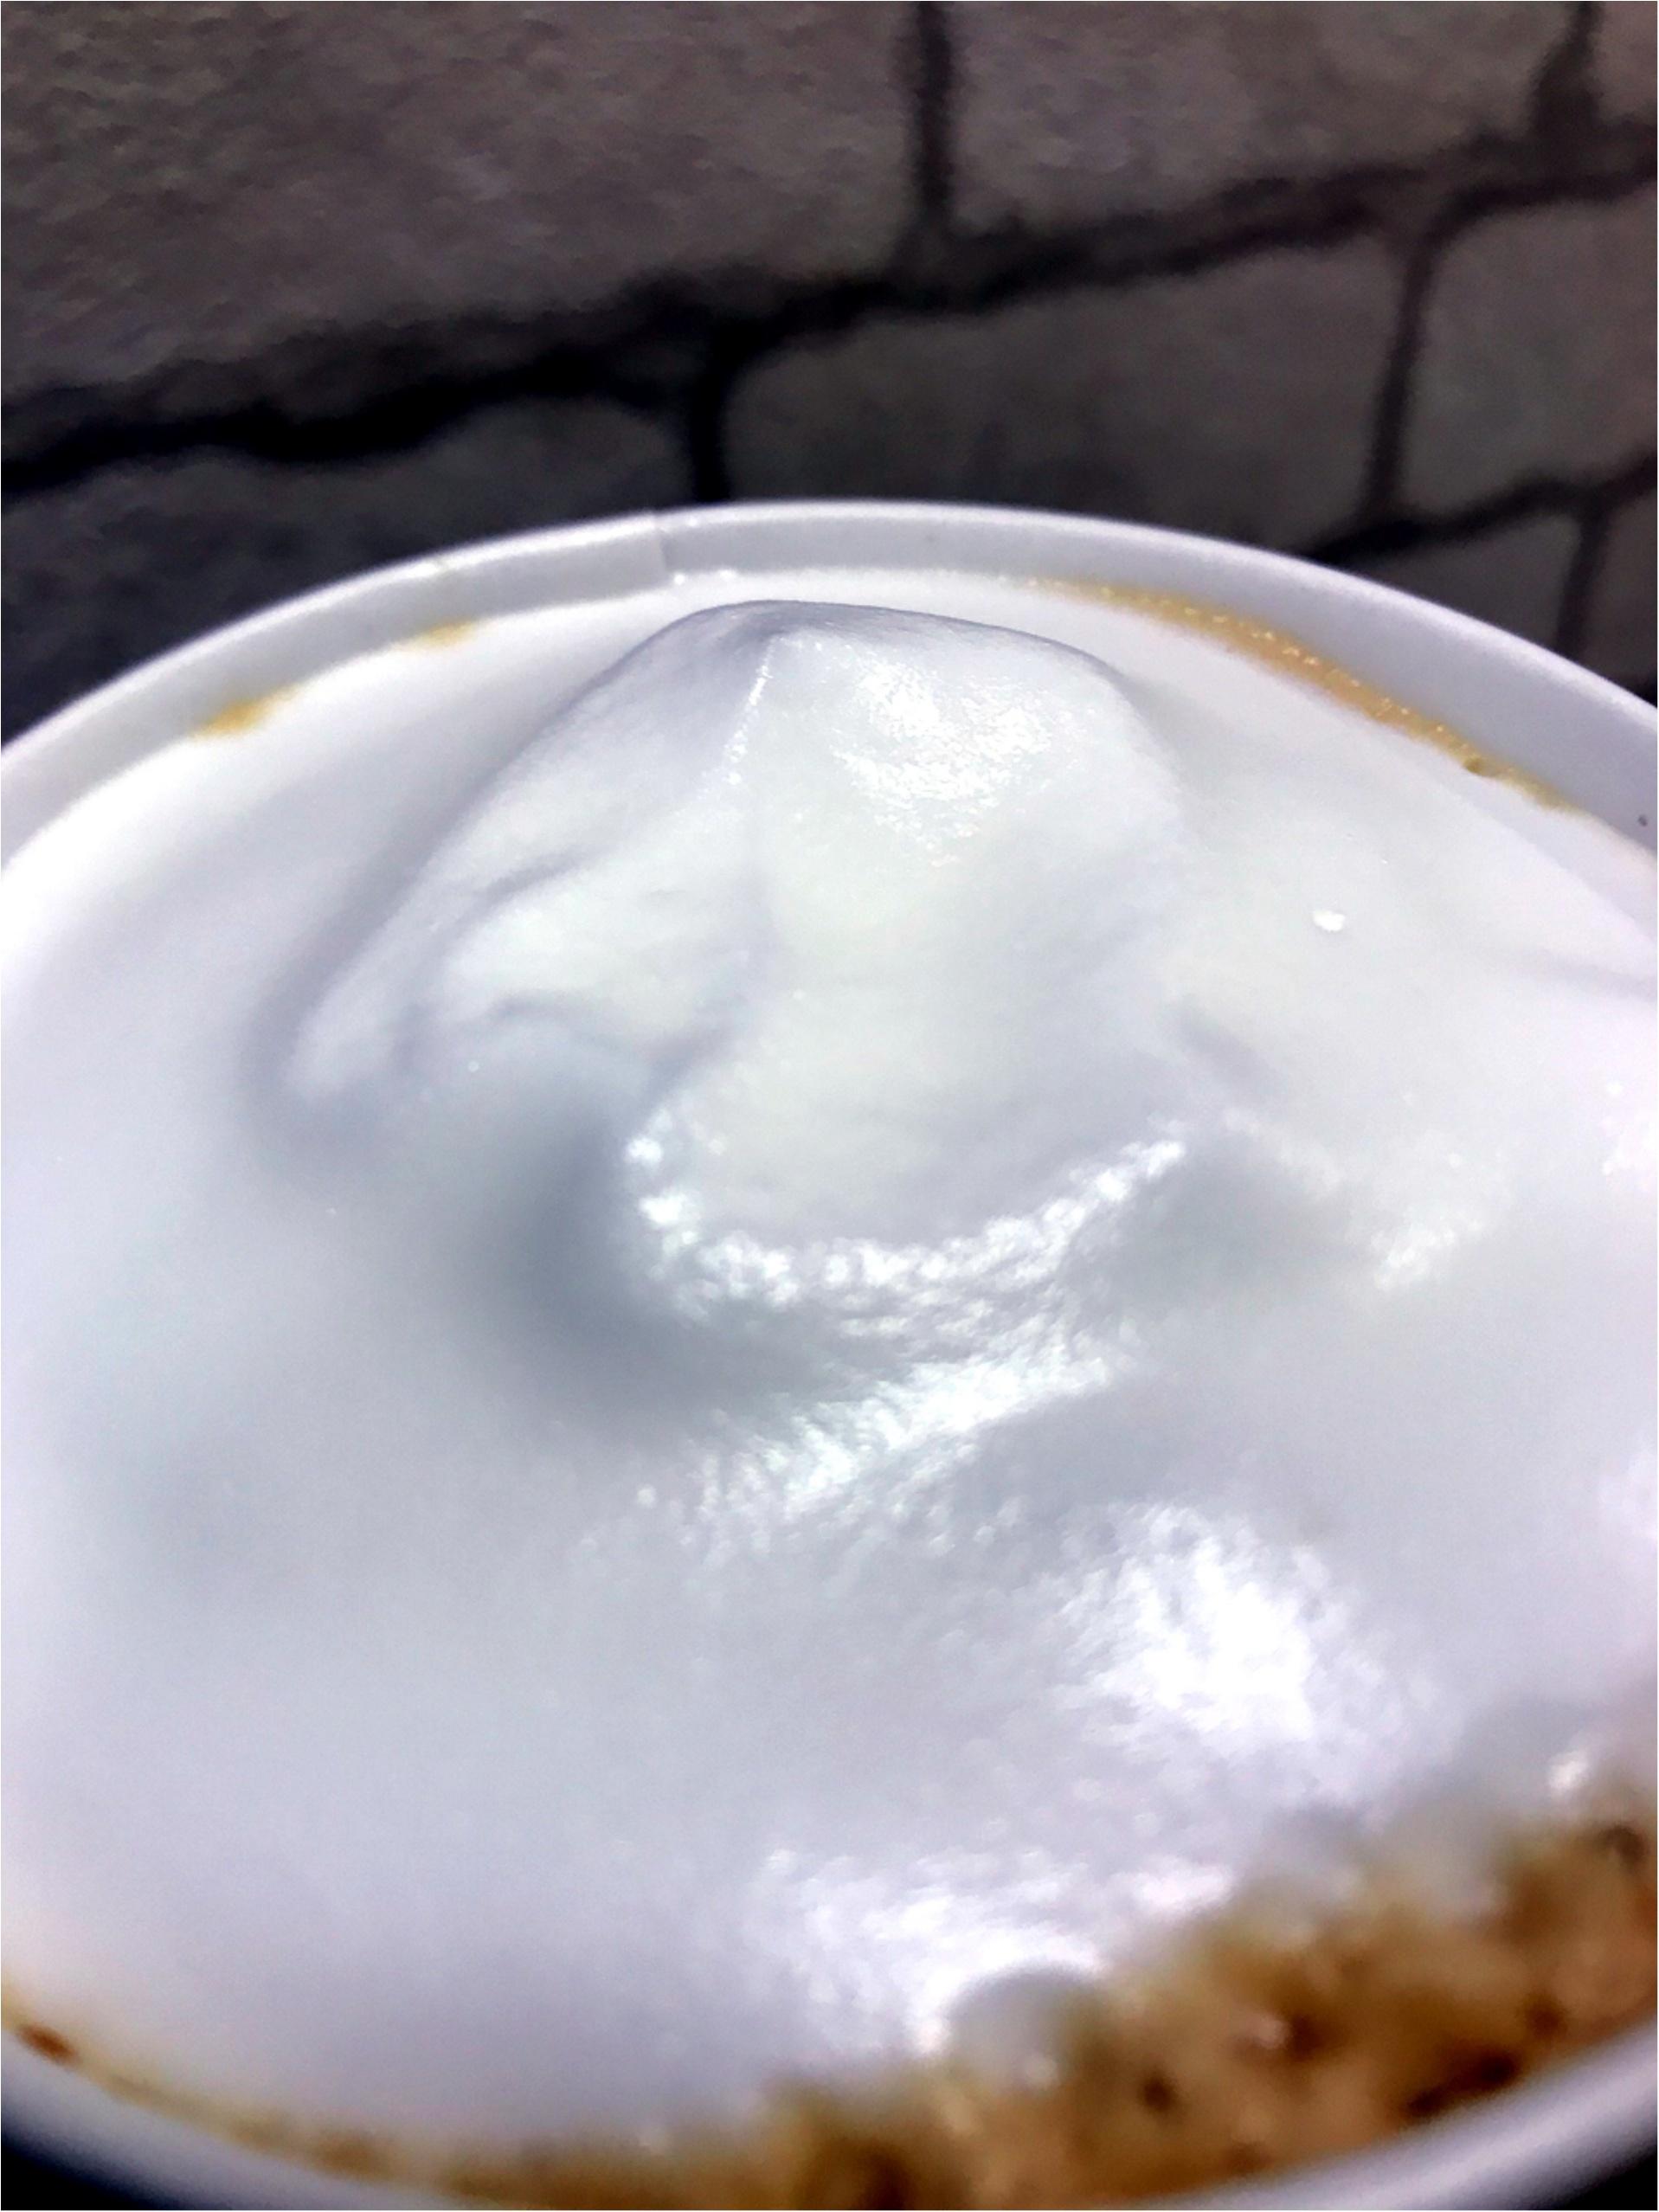 【超先行!】コーヒーなのに白?!3/15〜Starbucks新作✩ムースフォームラテ✩を一足先に味わってきました!!白い泡の正体は◯◯◯だった!_3